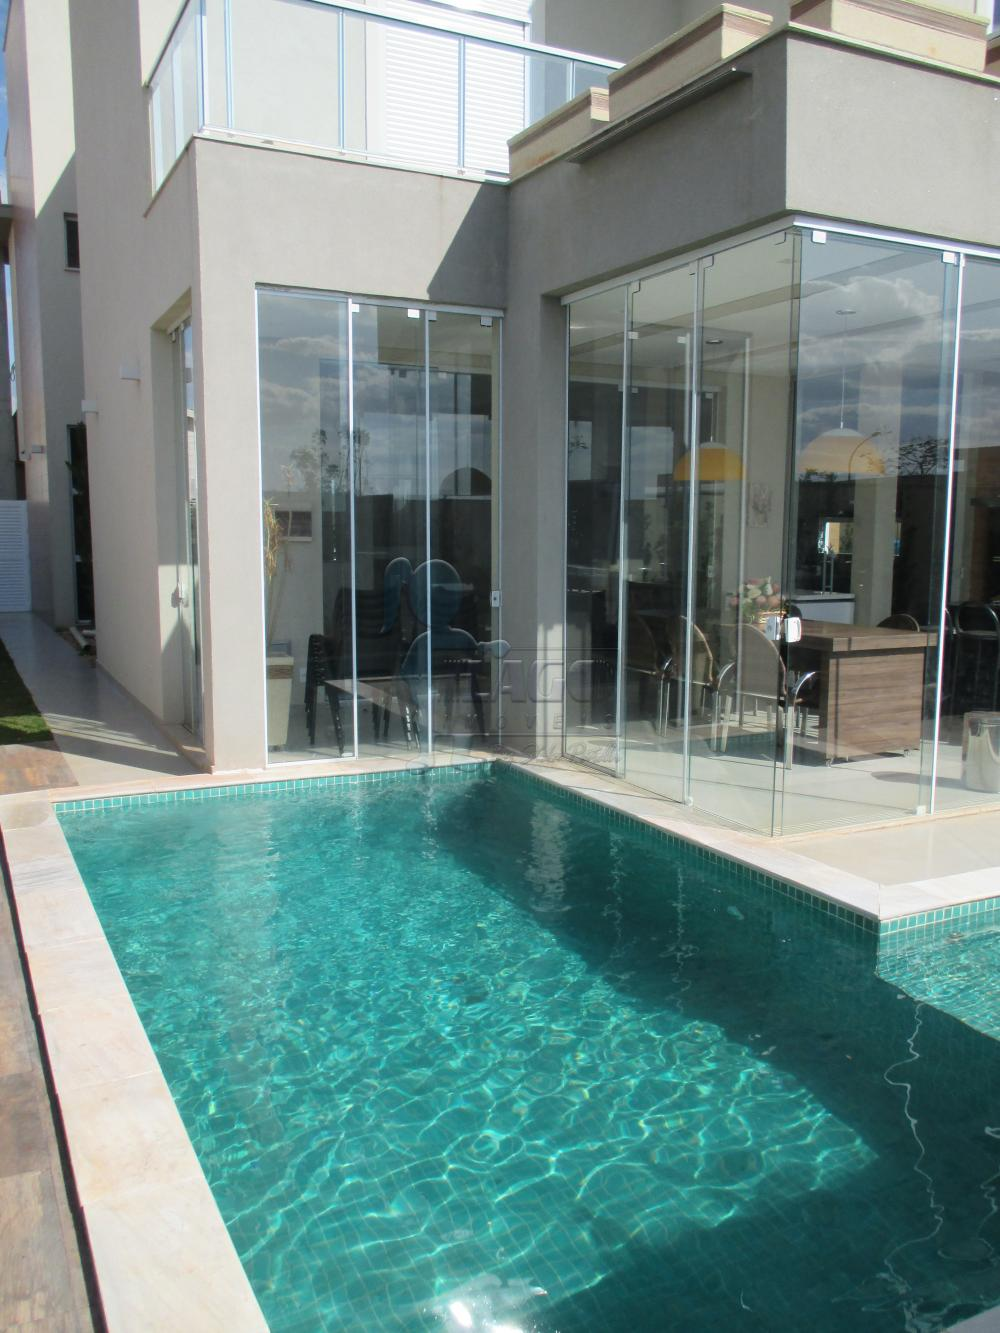 Alugar Casas / Condomínio em Bonfim Paulista apenas R$ 11.400,00 - Foto 22